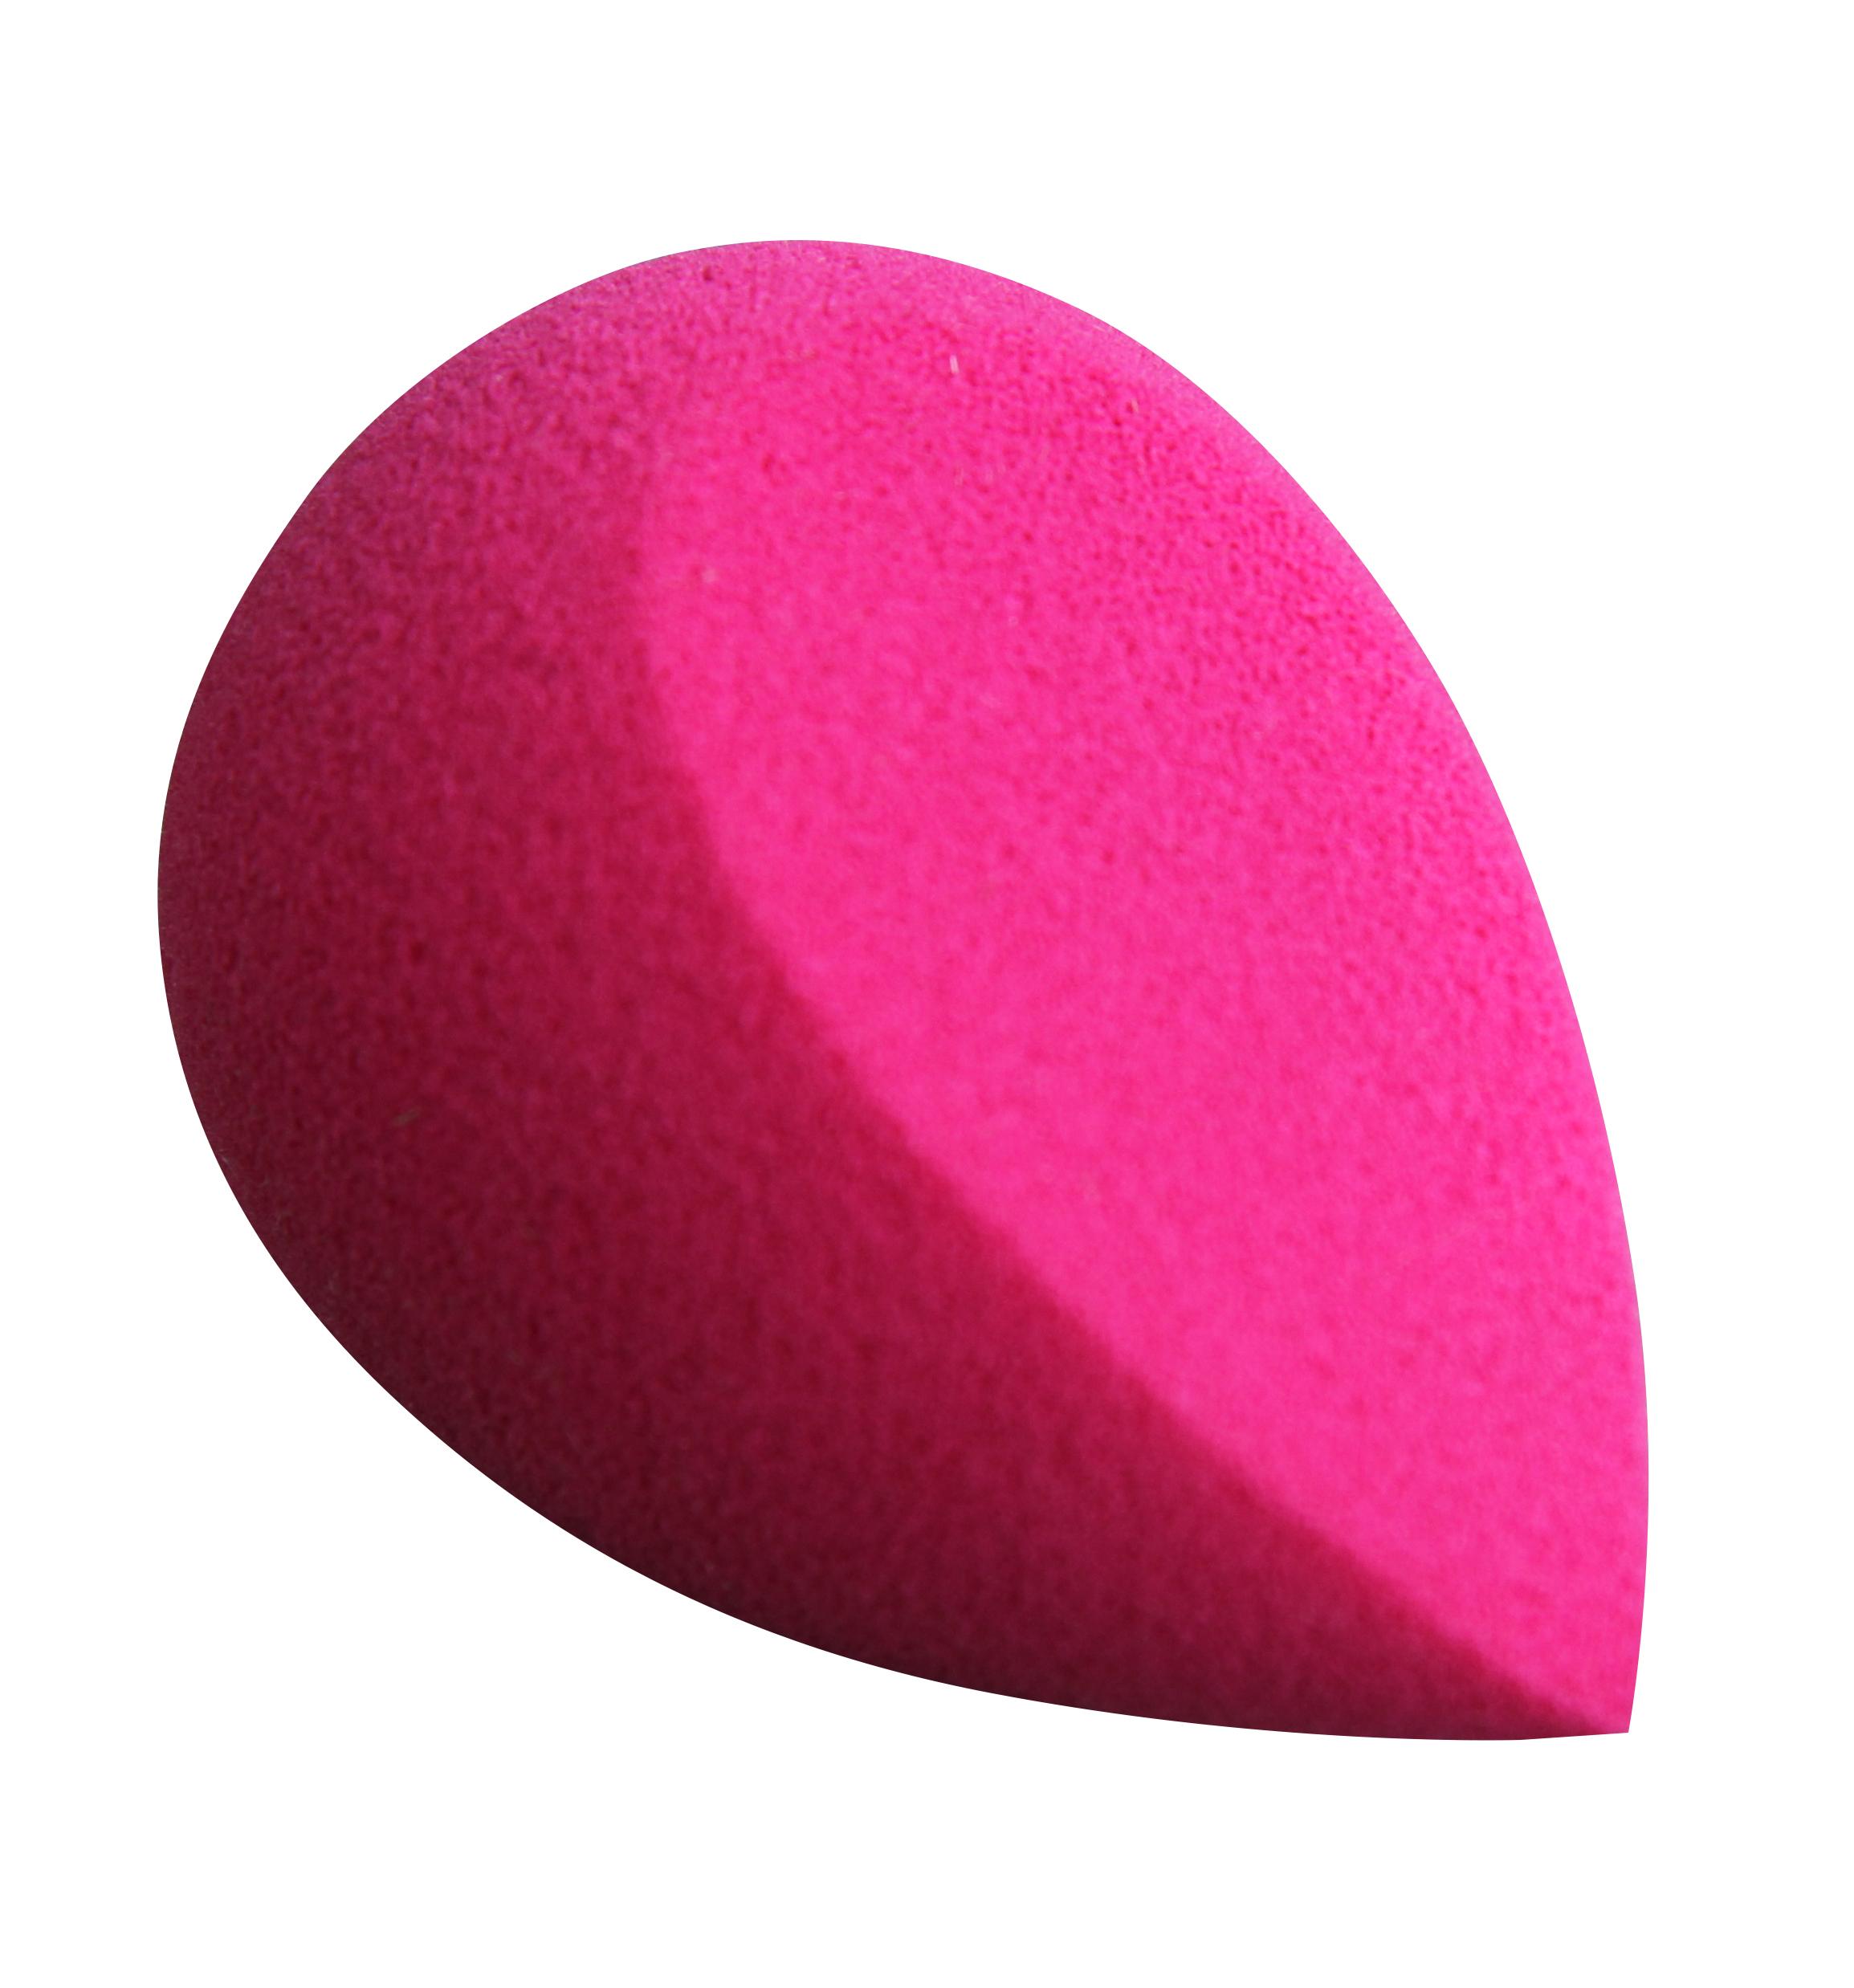 Estetika Спонж для макияжа 4 в 1E02-30107Estetika cпонж для макияжа 4 в 1. Скошенная сторона для идеального нанесения тональных средств. Ребро скошенной стороны для локального нанесения корректоров в области скул и висков. Круглая сторона для равномерной растушевки. Заостренный кончик для обработки крыльев носа, областей вокруг губ и глаз. Спонж для макияжа Estetika подходит как для профессионального использования визажистами, так и для макияжа в домашних условиях. Спонж для макияжа Estetika идеально равномерным слоем, не оставляя разводов, наносит любые тональные средства - кремовые и пудровые (тональный крем, основу под макияж, консилер под глаза, корректоры, хайлайтер, румяна, пудру). Материал спонжа подходит для чувствительной кожи. Он гипоаллергенный, не содержит латекса и приятный на ощупь. Уникальная форма спонжа делает его незаменимым в использовании и способствует созданию эффекта здоровой красивой кожи, как будто обработанной в фотошопе.